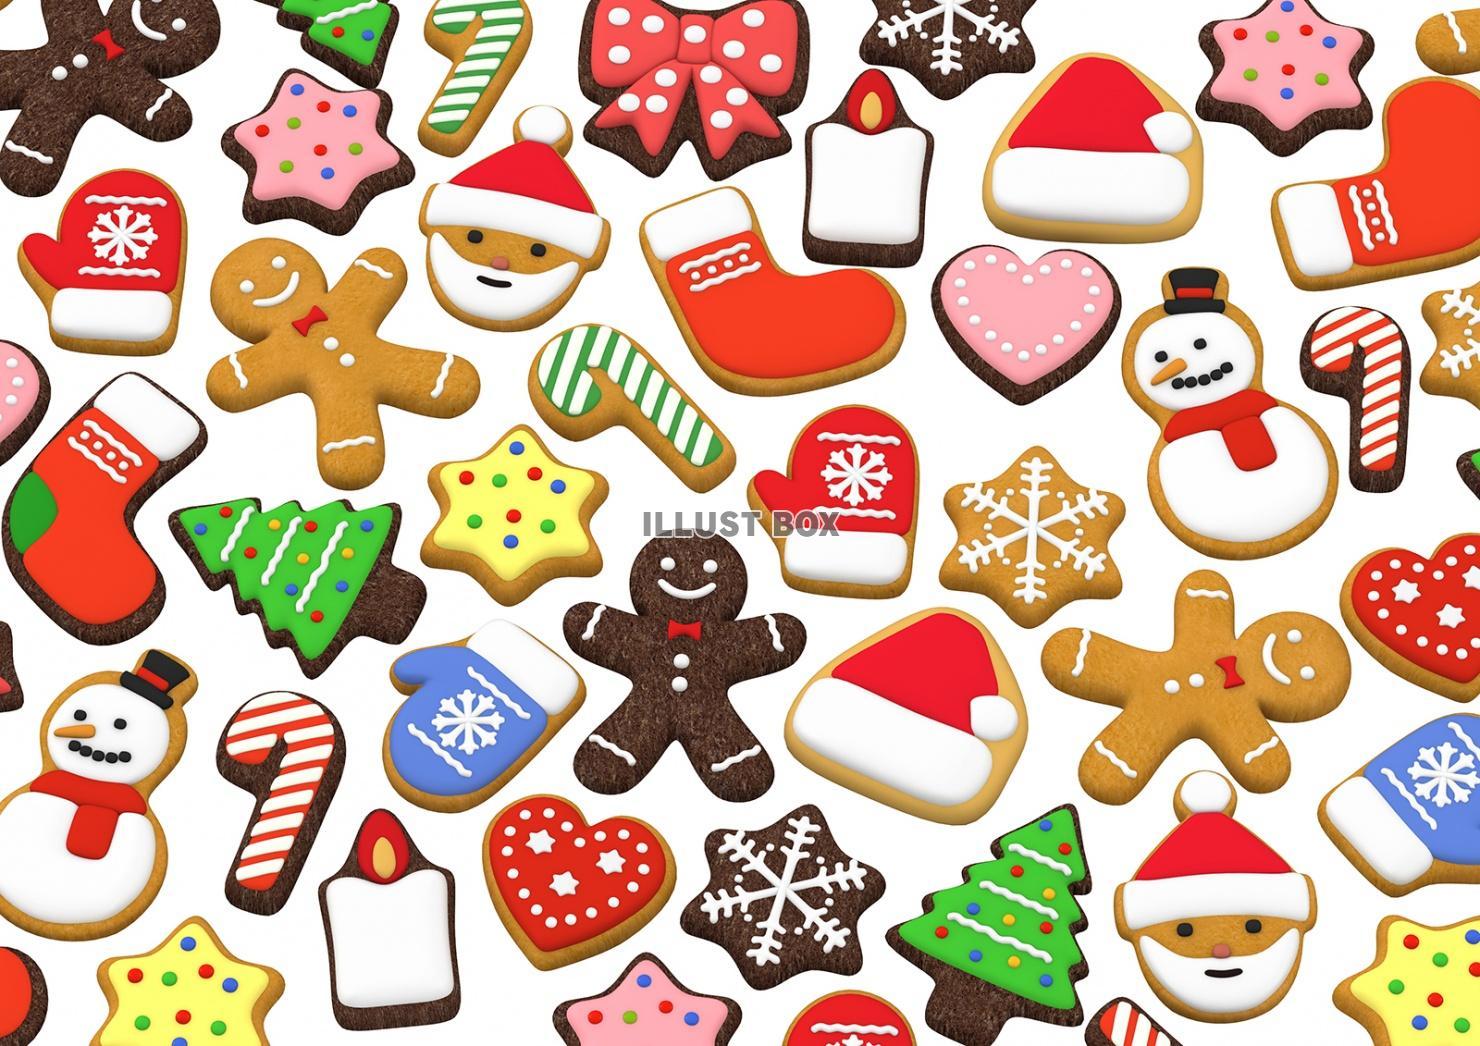 無料イラスト クリスマスクッキー 3dイラスト03